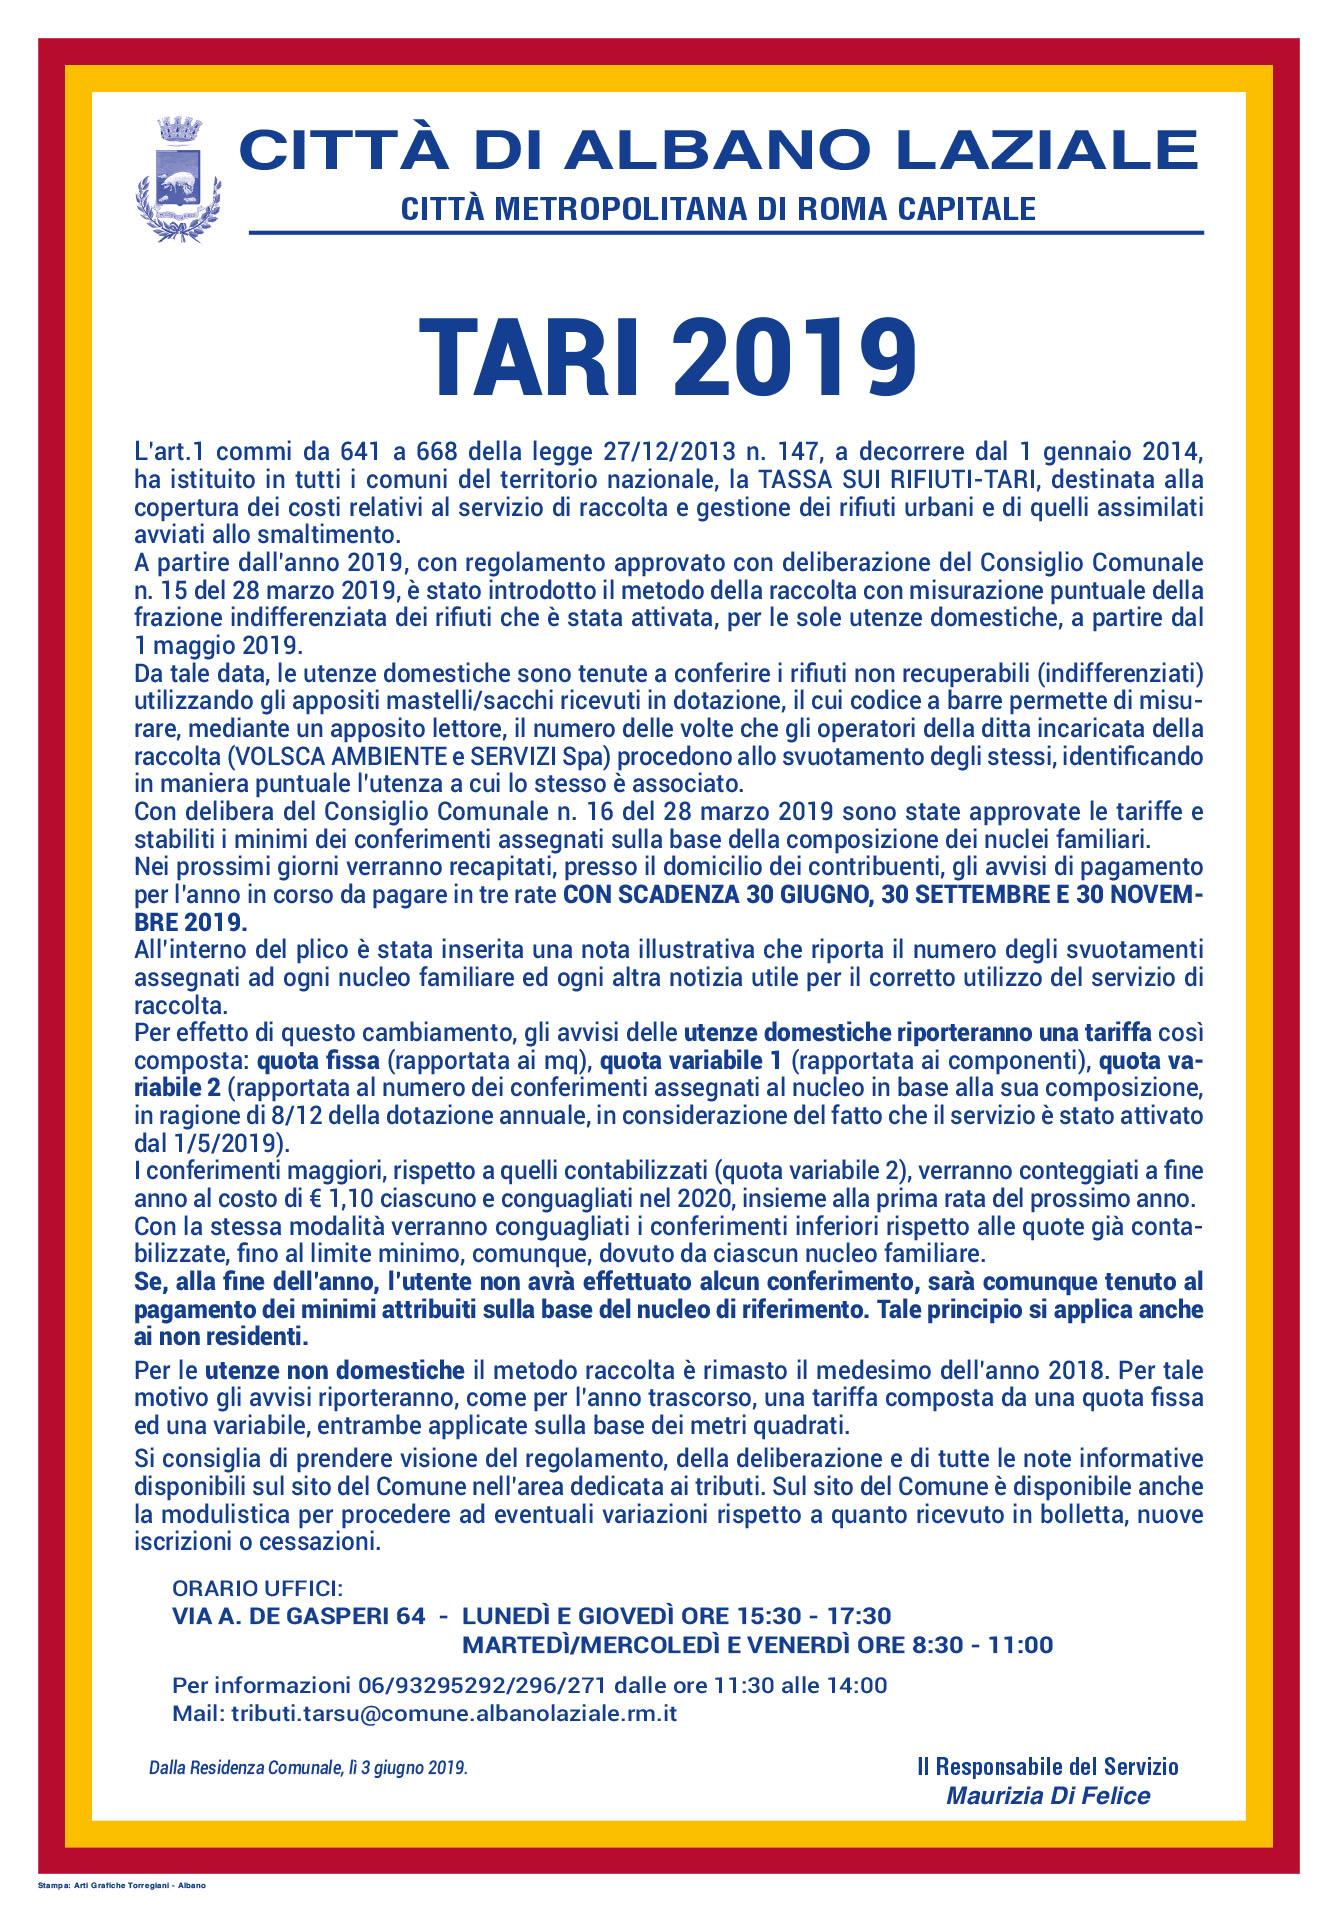 File di immagine: avviso versamenti TARI anno 2019